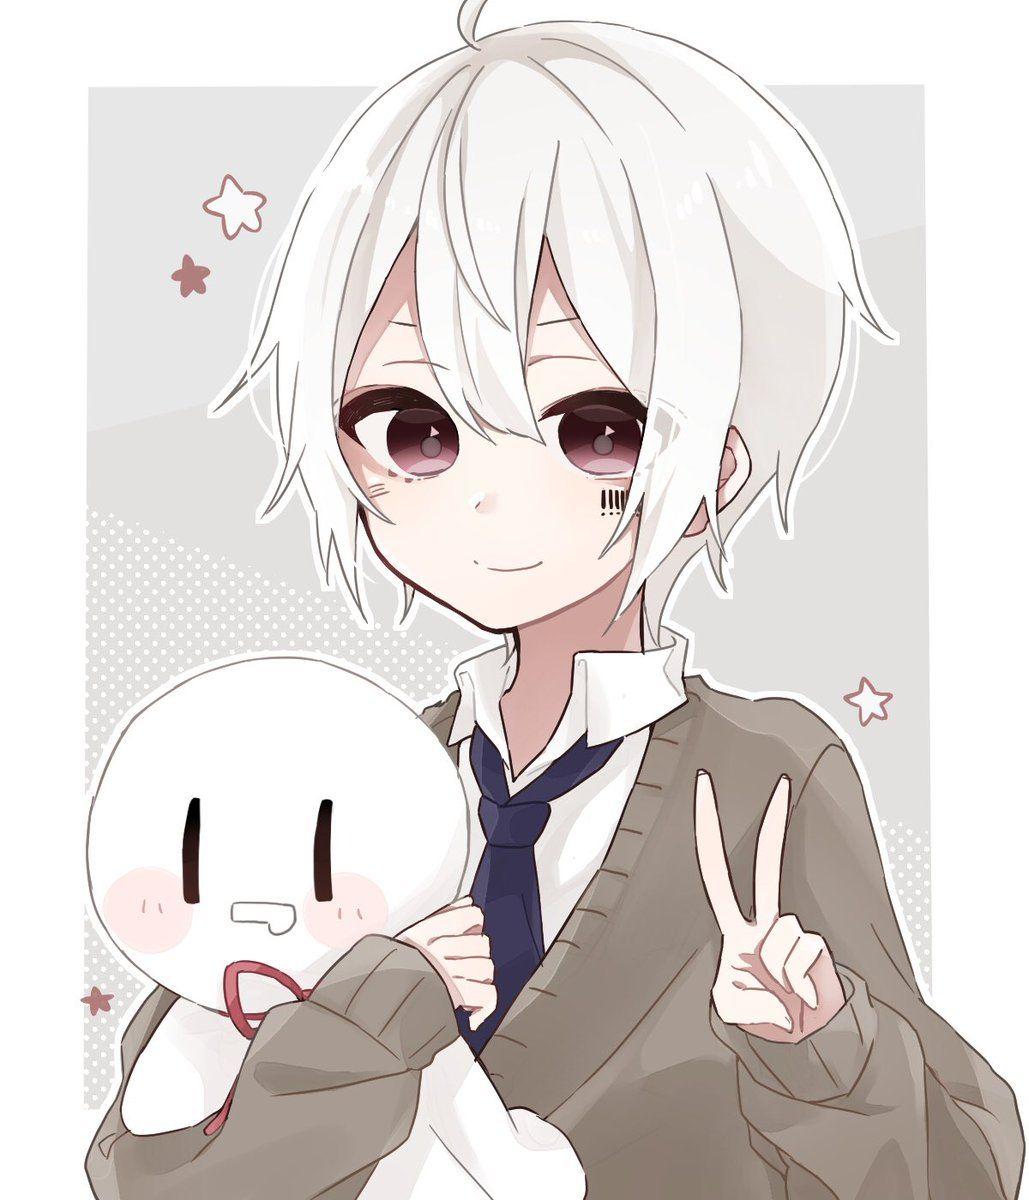 にいと(niniiitoto)さん Twitter Anime